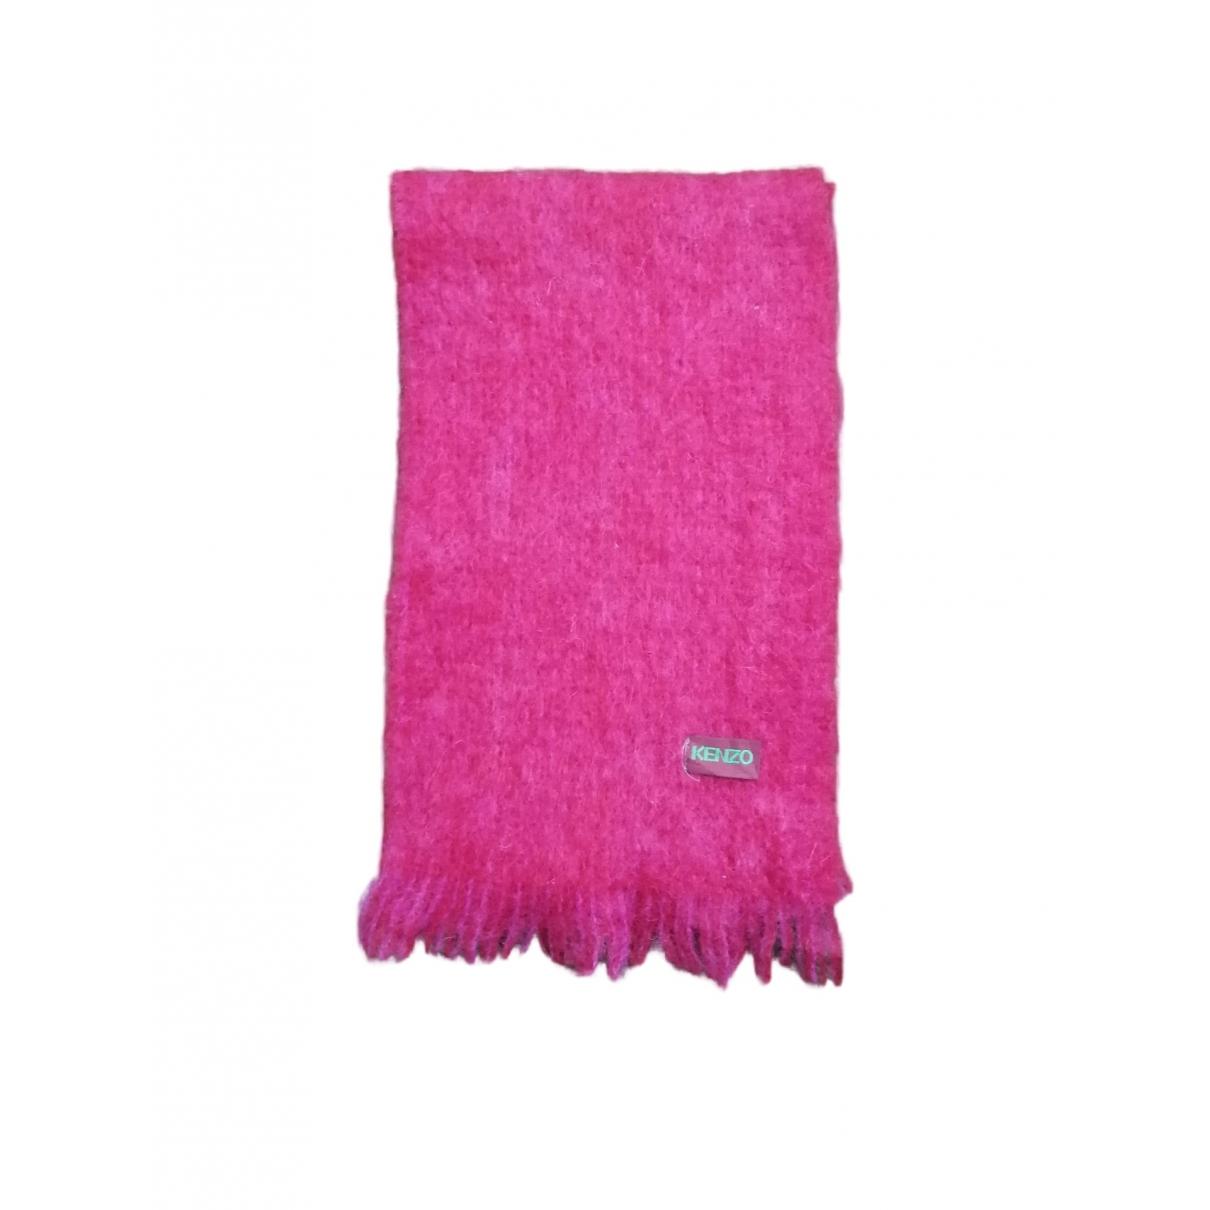 Kenzo \N Pink Wool scarf for Women \N